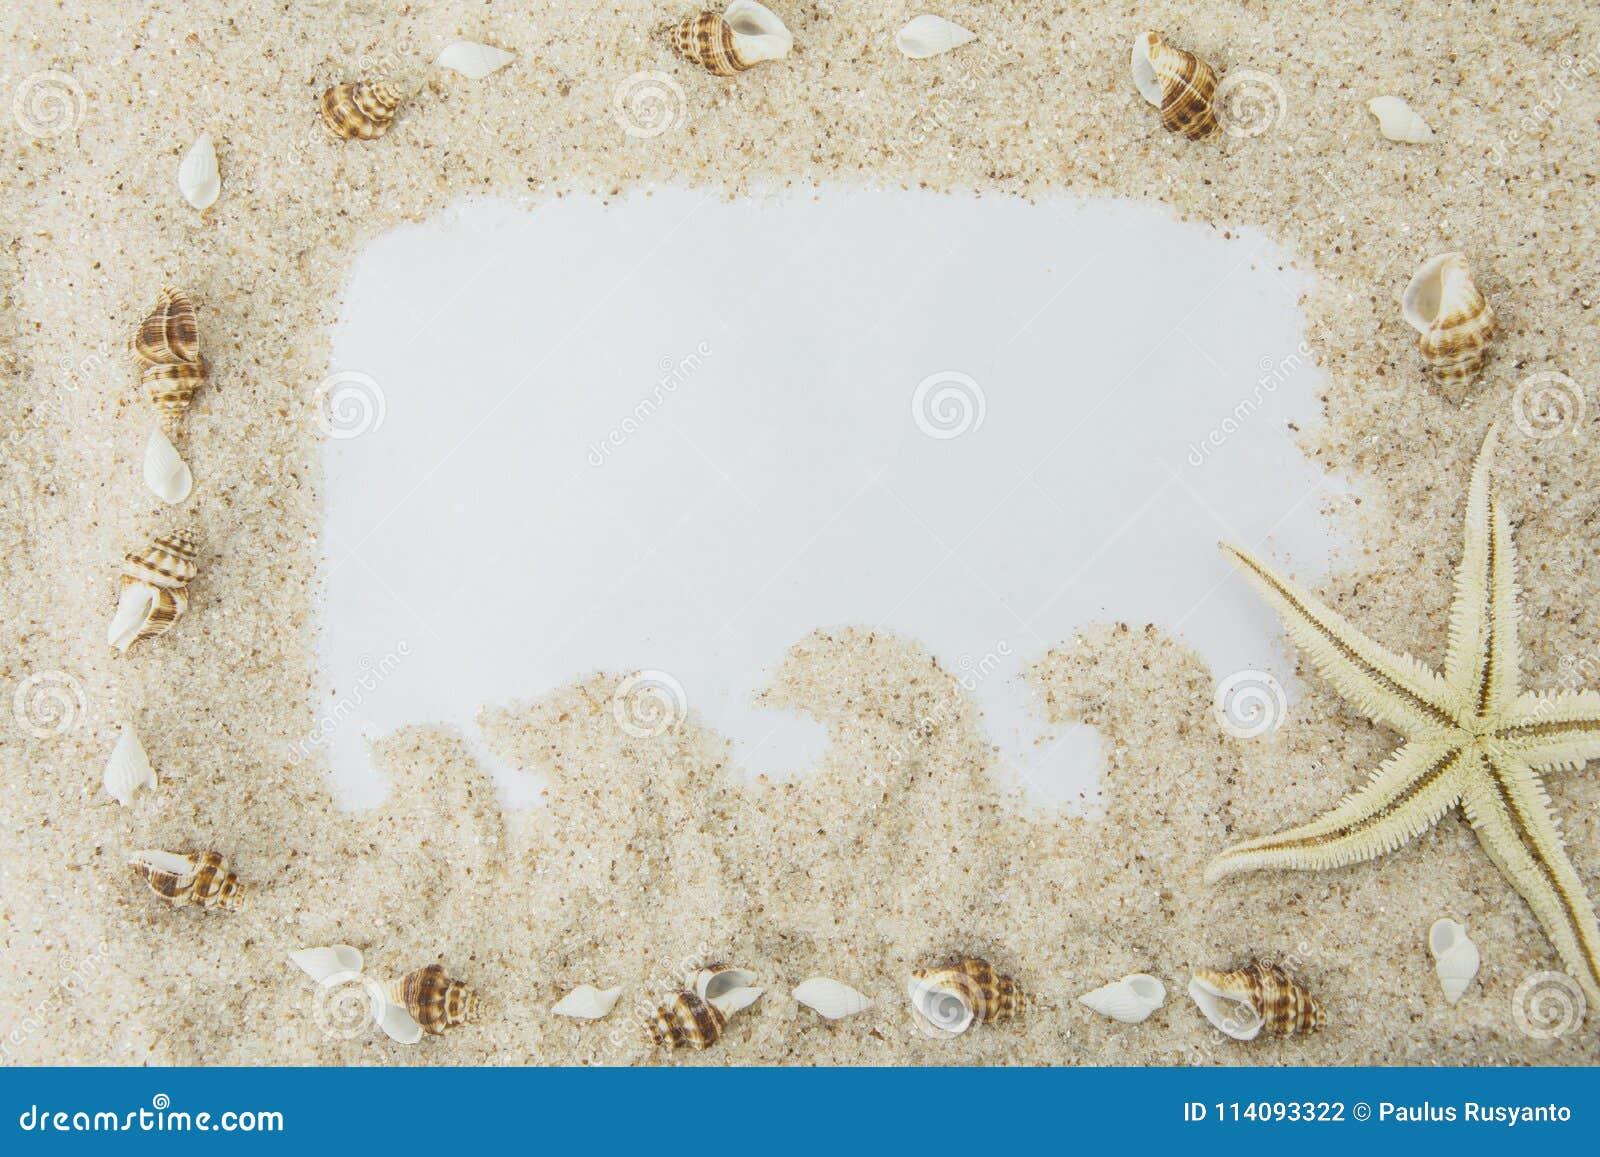 Marco vacío de la arena blanca de la playa